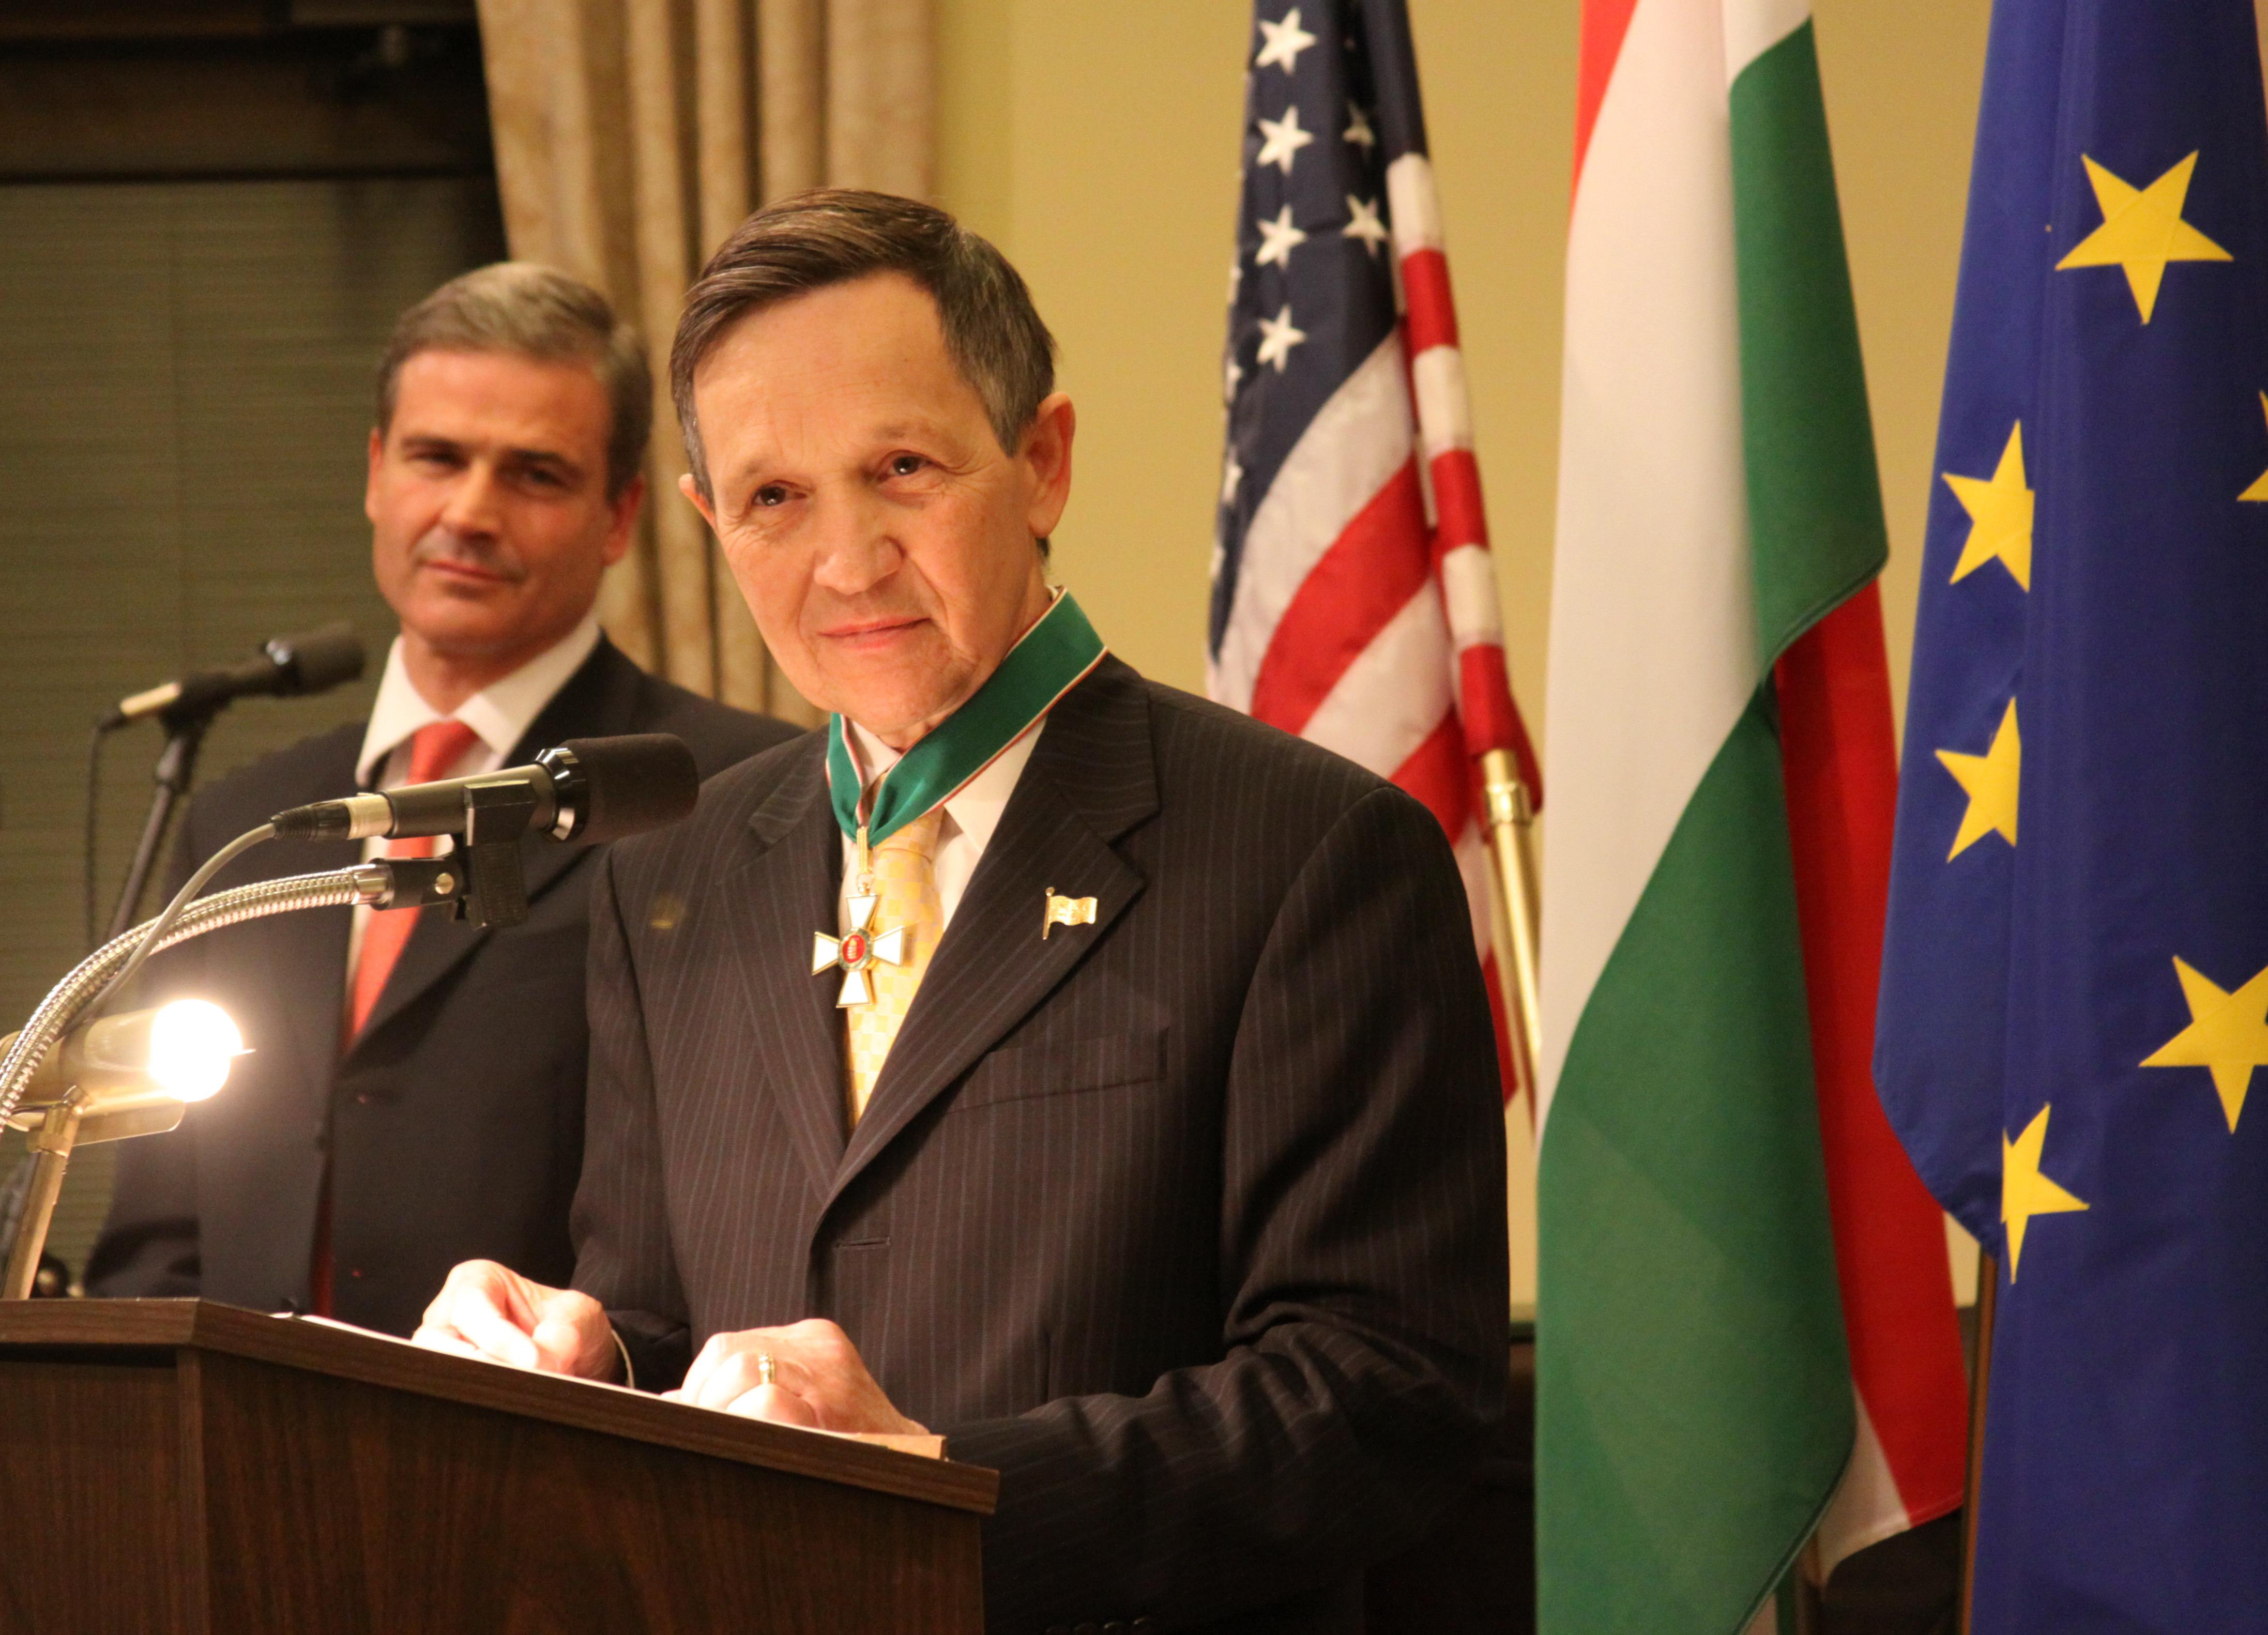 Kucinich demokrata képviselő üdvözölte a magyar közösségeket március 15-én